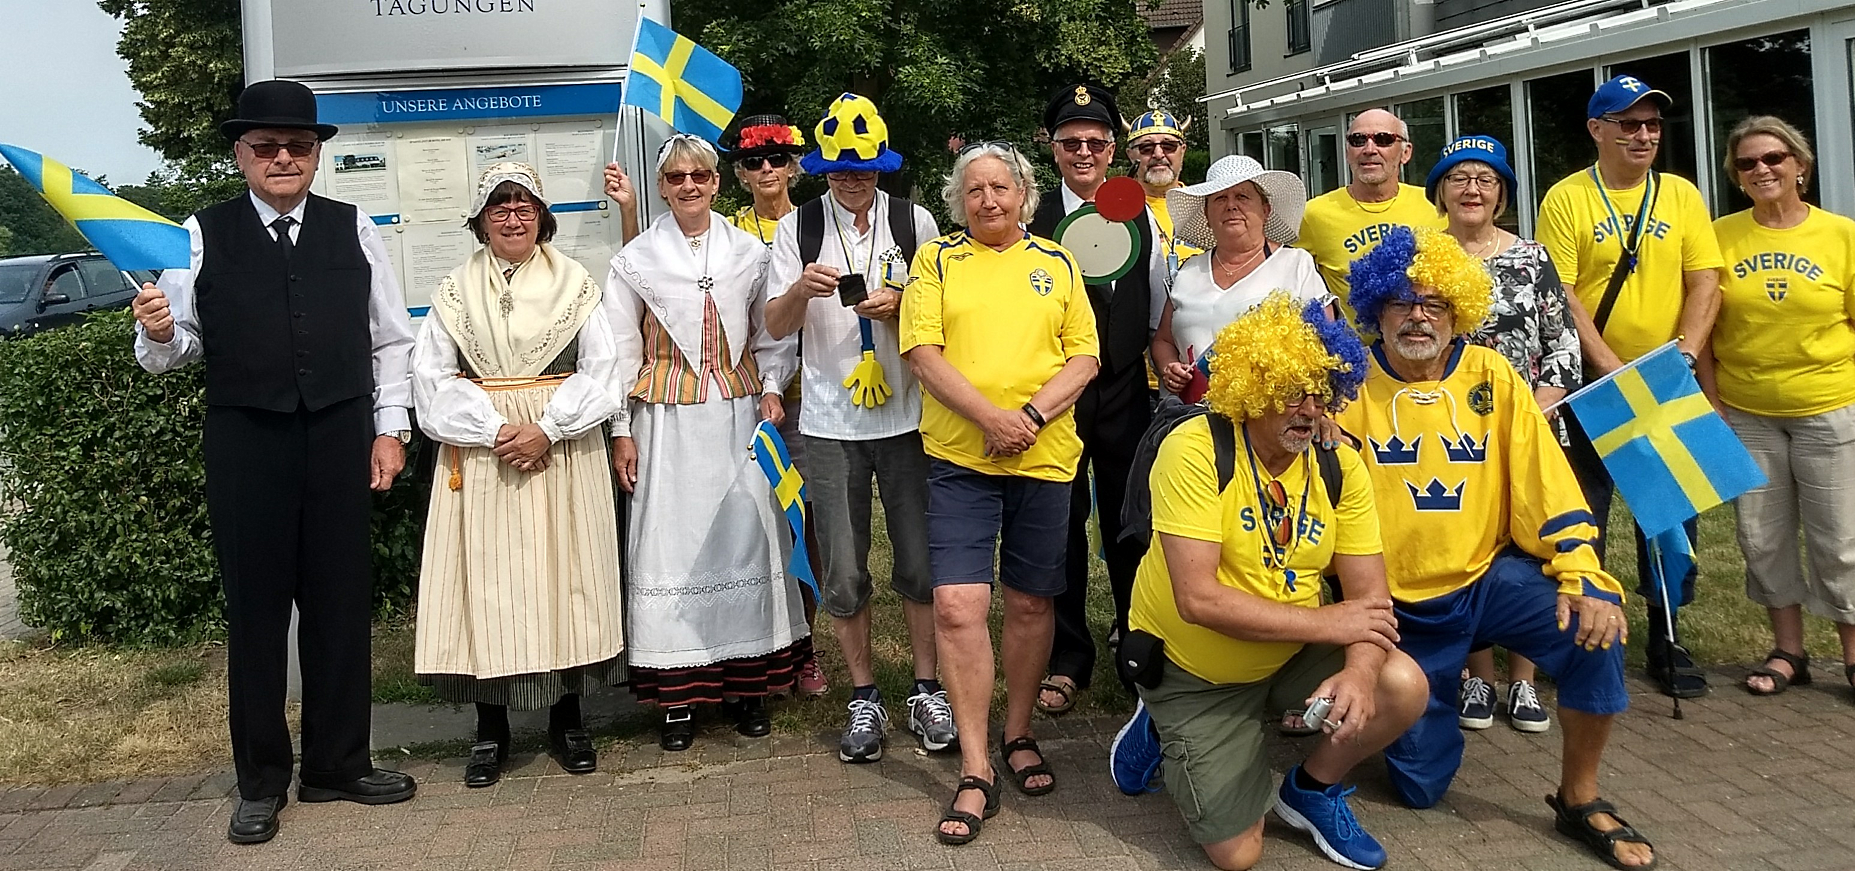 Här hela gänget som gick i paraden. Dom som gömde sig i Swedish Corner fick inte vara med....